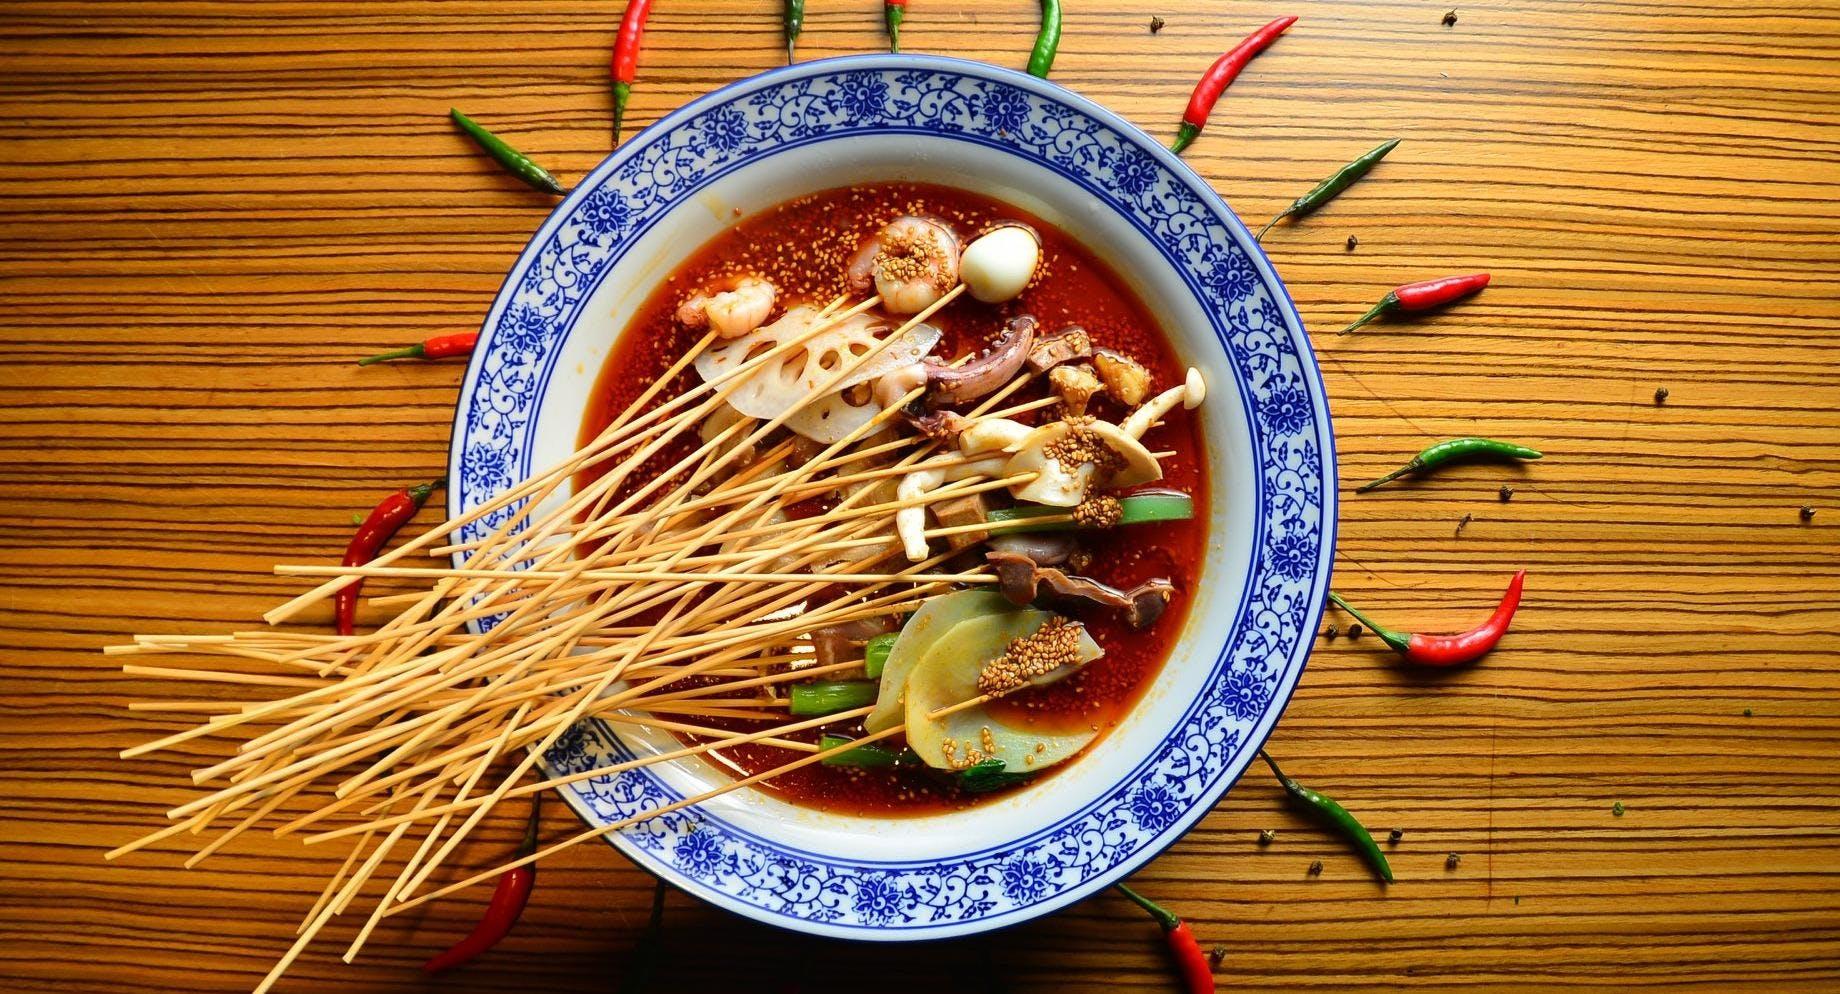 Crazy Noodles 瘋狂小面 Hong Kong image 3